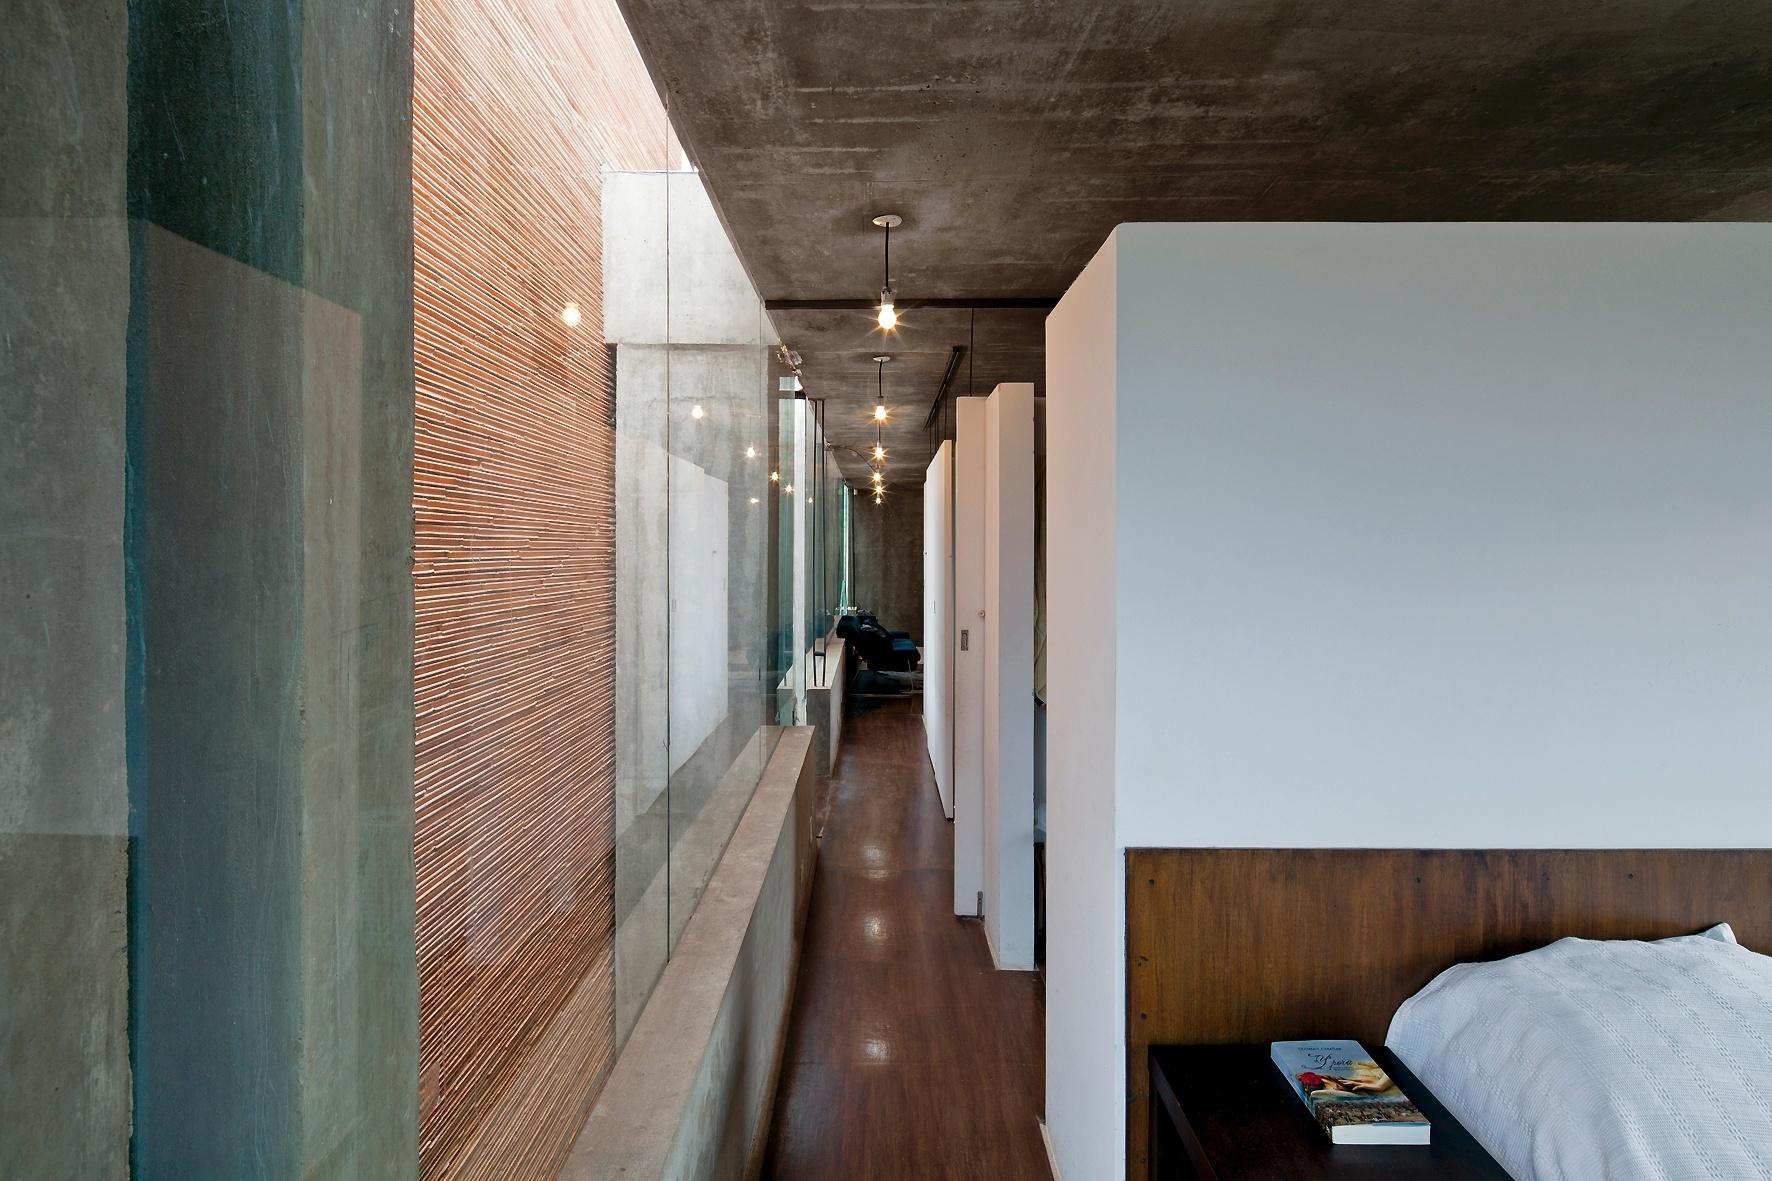 Assim como o vão sul (à esq.), o corredor que liga todos os ambientes internos da House in the Air tem 16 m de comprimento. Entre os volume principal flutuante que abriga os cômodos e as duas caixas suspensas que funcionam como contrapeso, estão dois pilares de seção 0,27 m x 0,8 m, em concreto armado, que suportam toda a residência